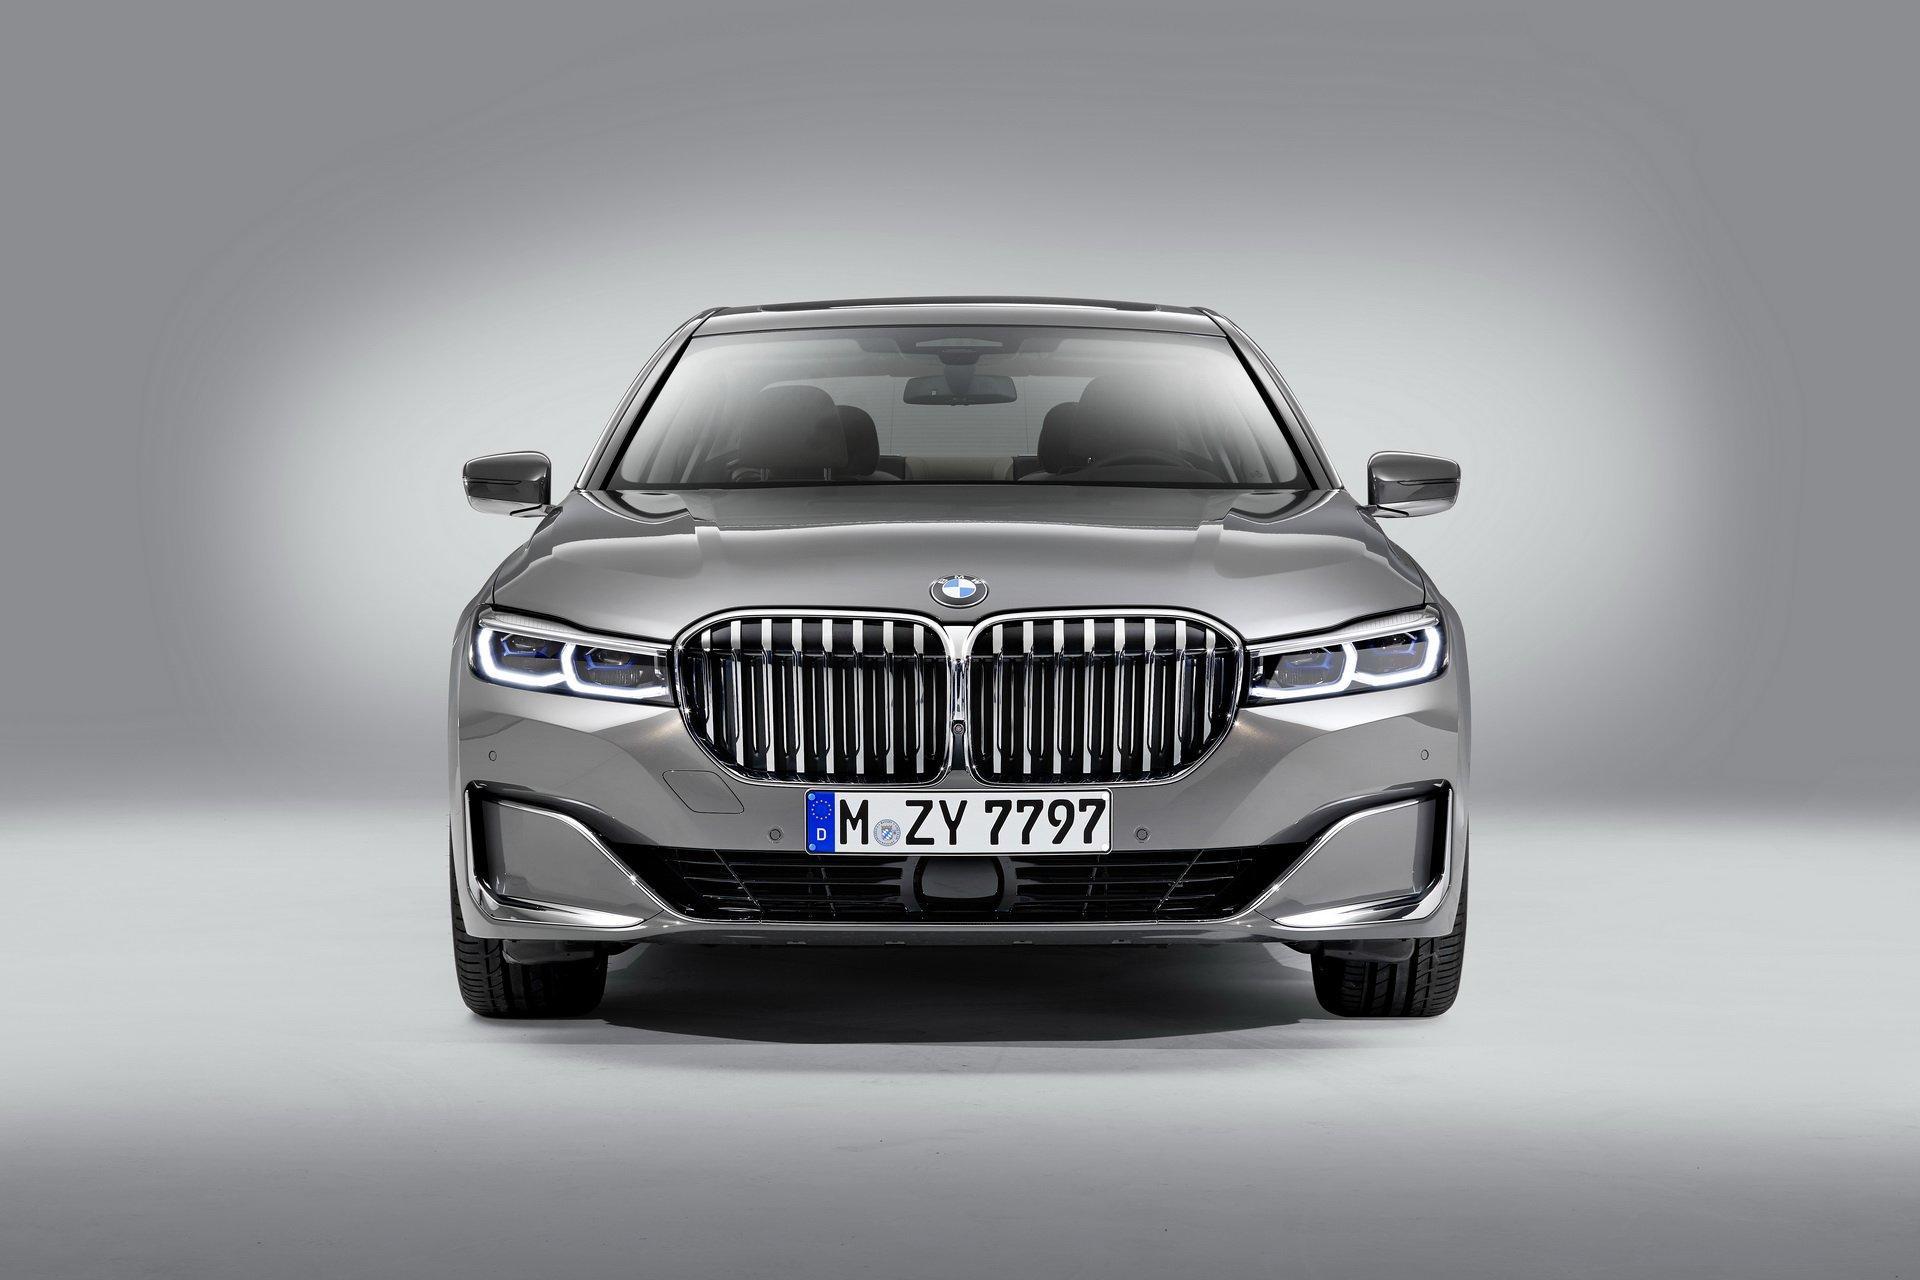 Noul BMW Seria 7 are o grila cu 40% mai mare pentru ca toata lumea sa te vada si sa iti faca loc in trafic